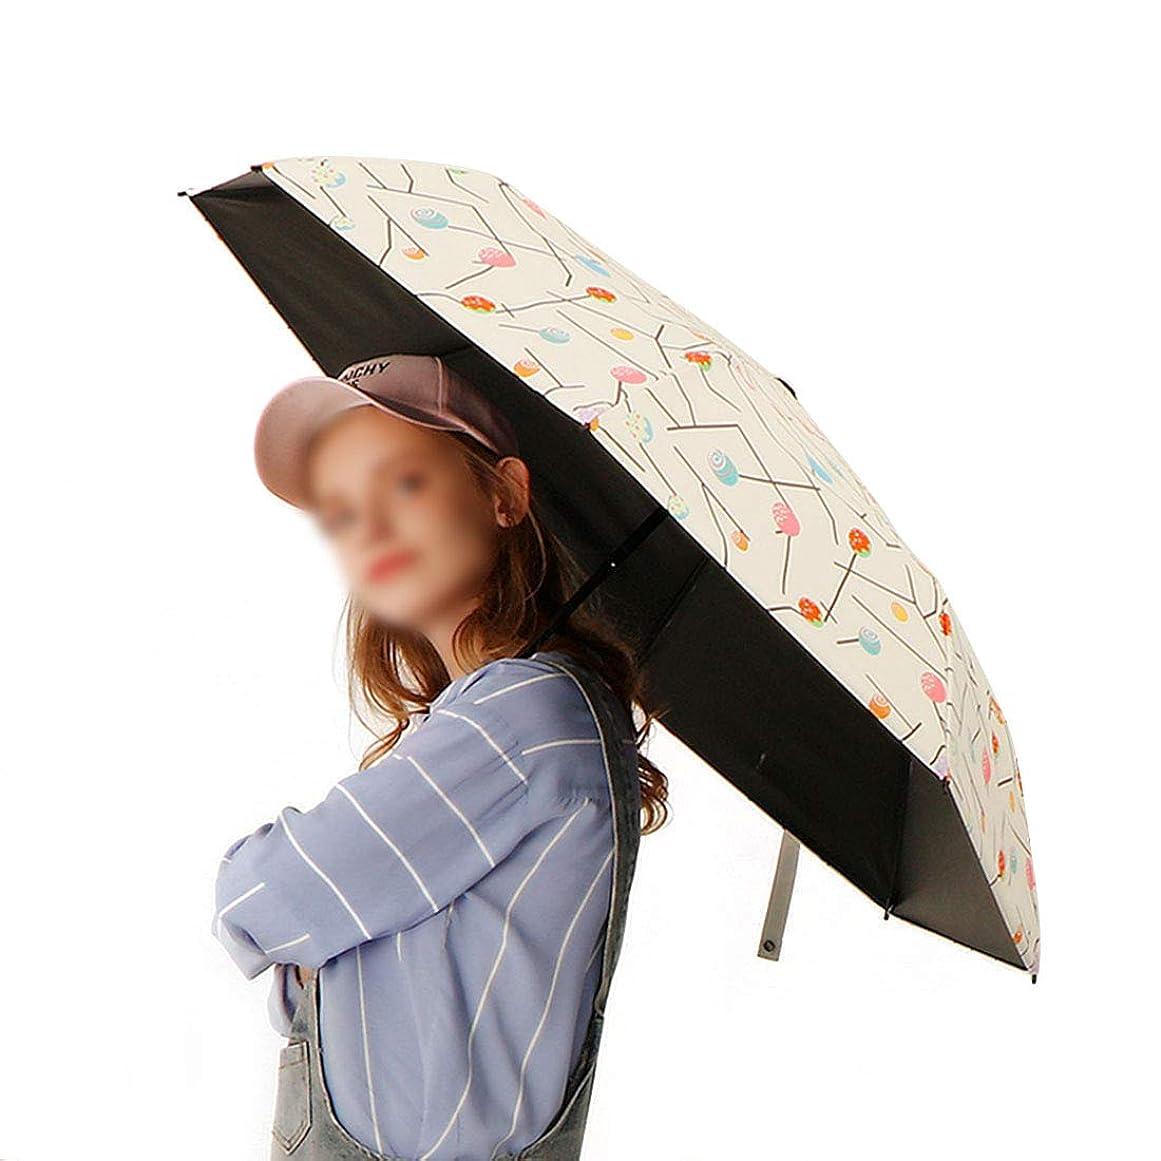 アライアンスステンレス火炎YESONEEP キャンディパターンの女性のコンパクト折りたたみ太陽雨傘防風折りたたみ傘 (色 : ホワイト)